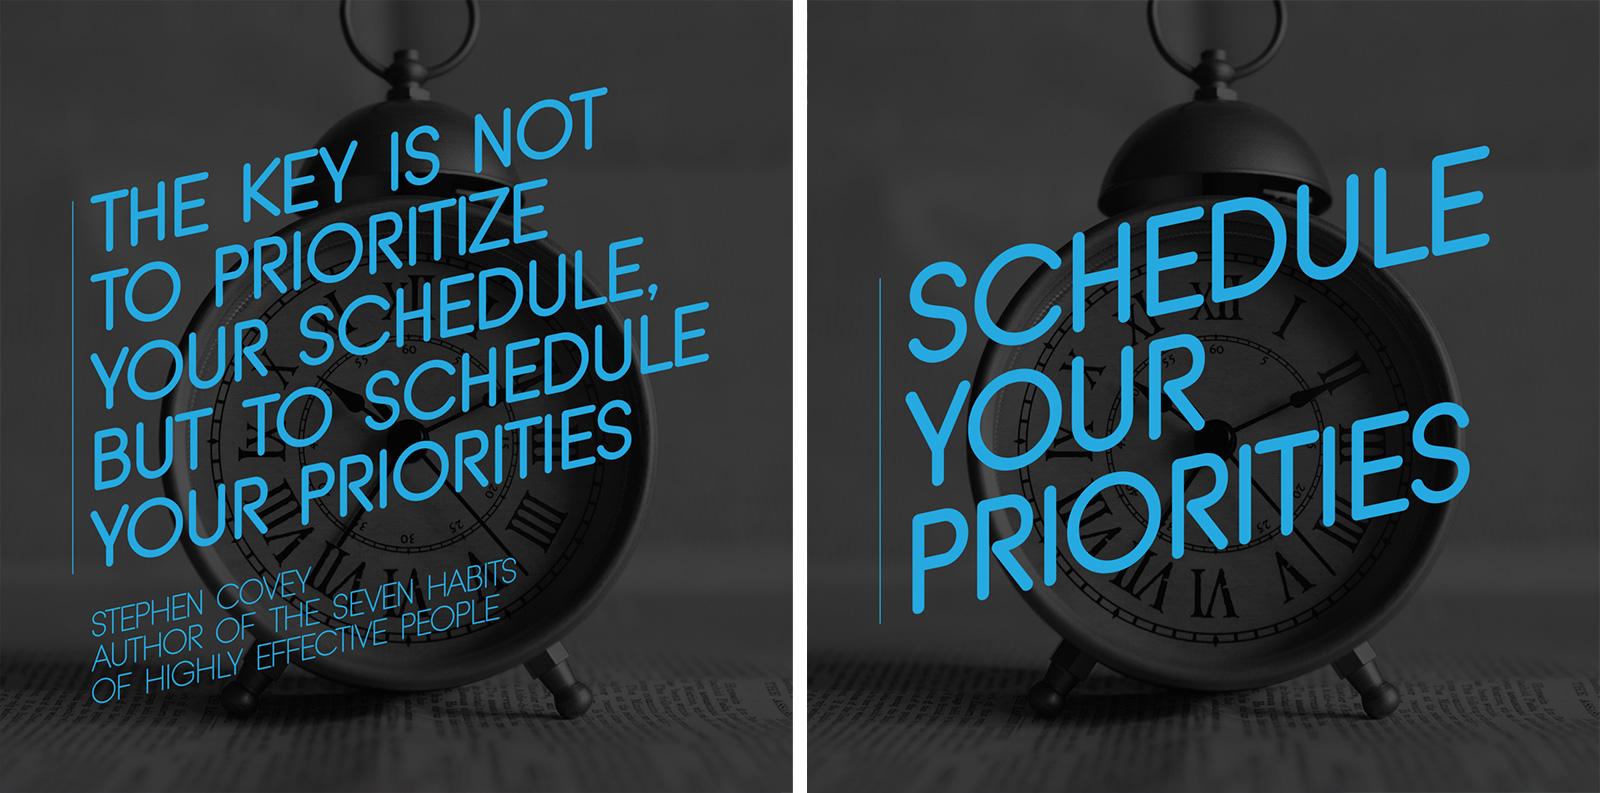 """""""Điều quan trọng không phải là ưu tiên lịch trình, mà là lên lịch cho các ưu tiên."""" - Stephen Covey, Bảy thói quen của những người làm việc hiệu quả cao."""